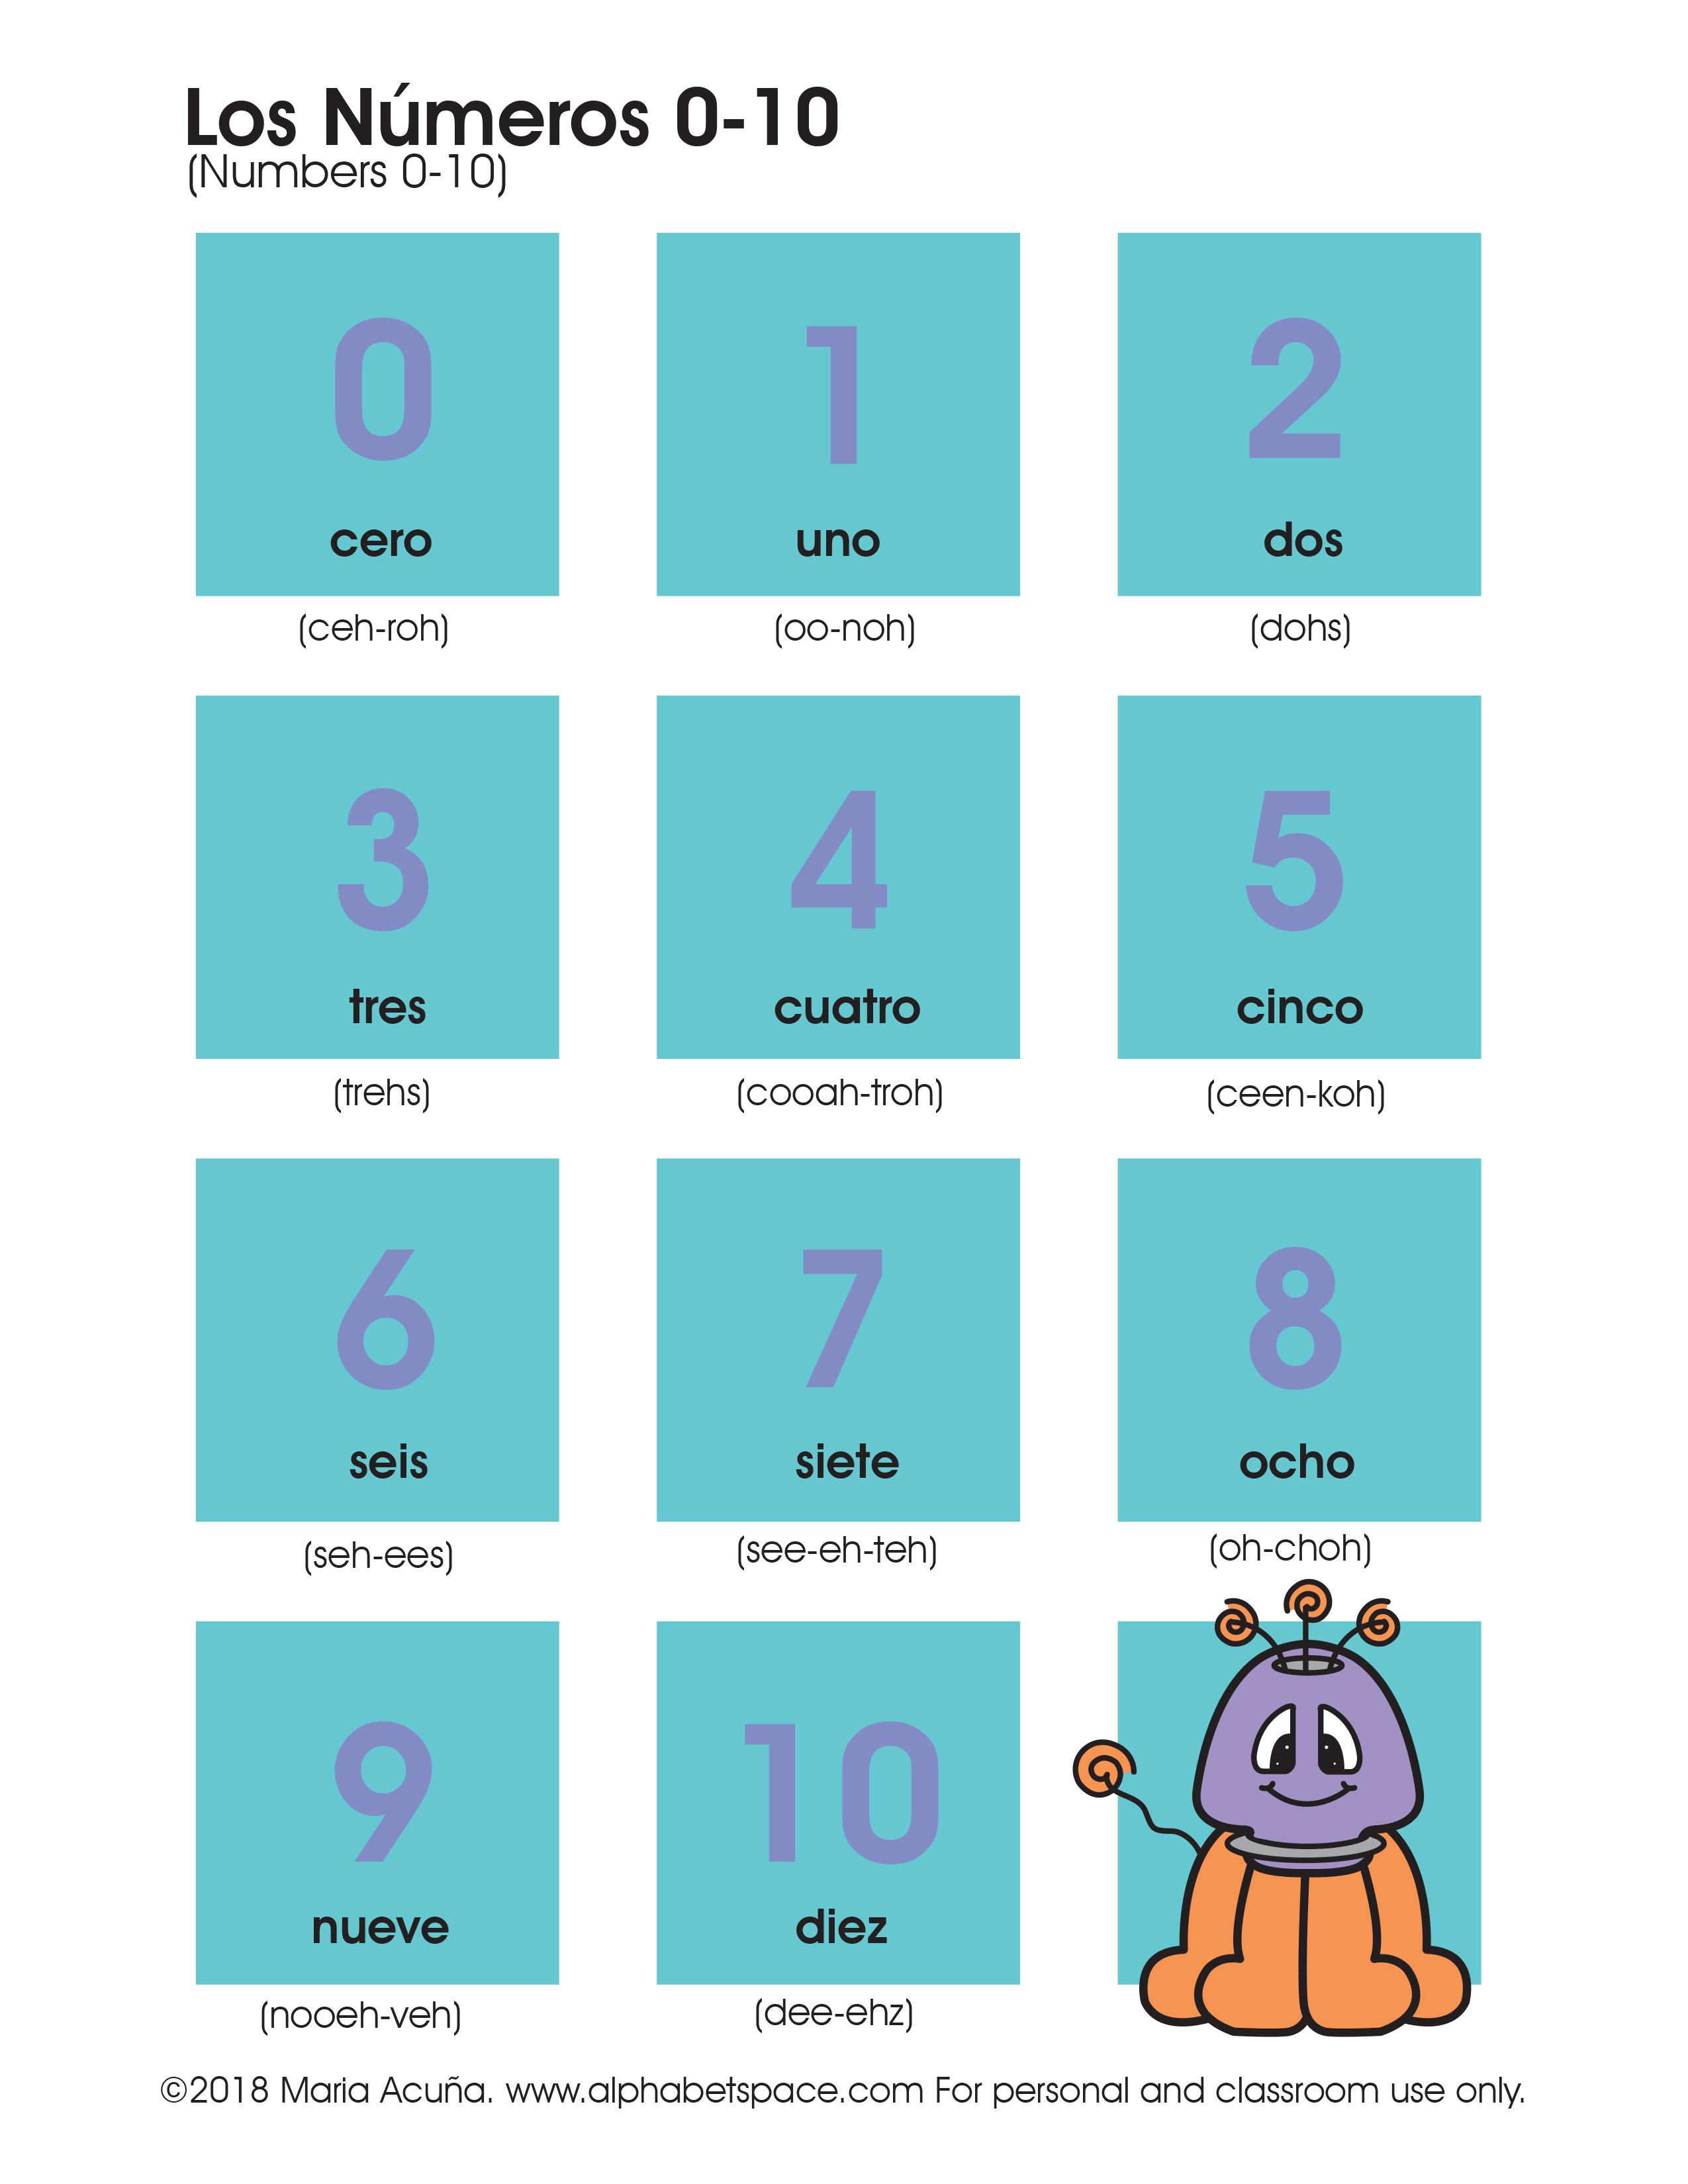 Los números 0-10. Maria Acuna 2018 www.alphabetspace.com .jpg